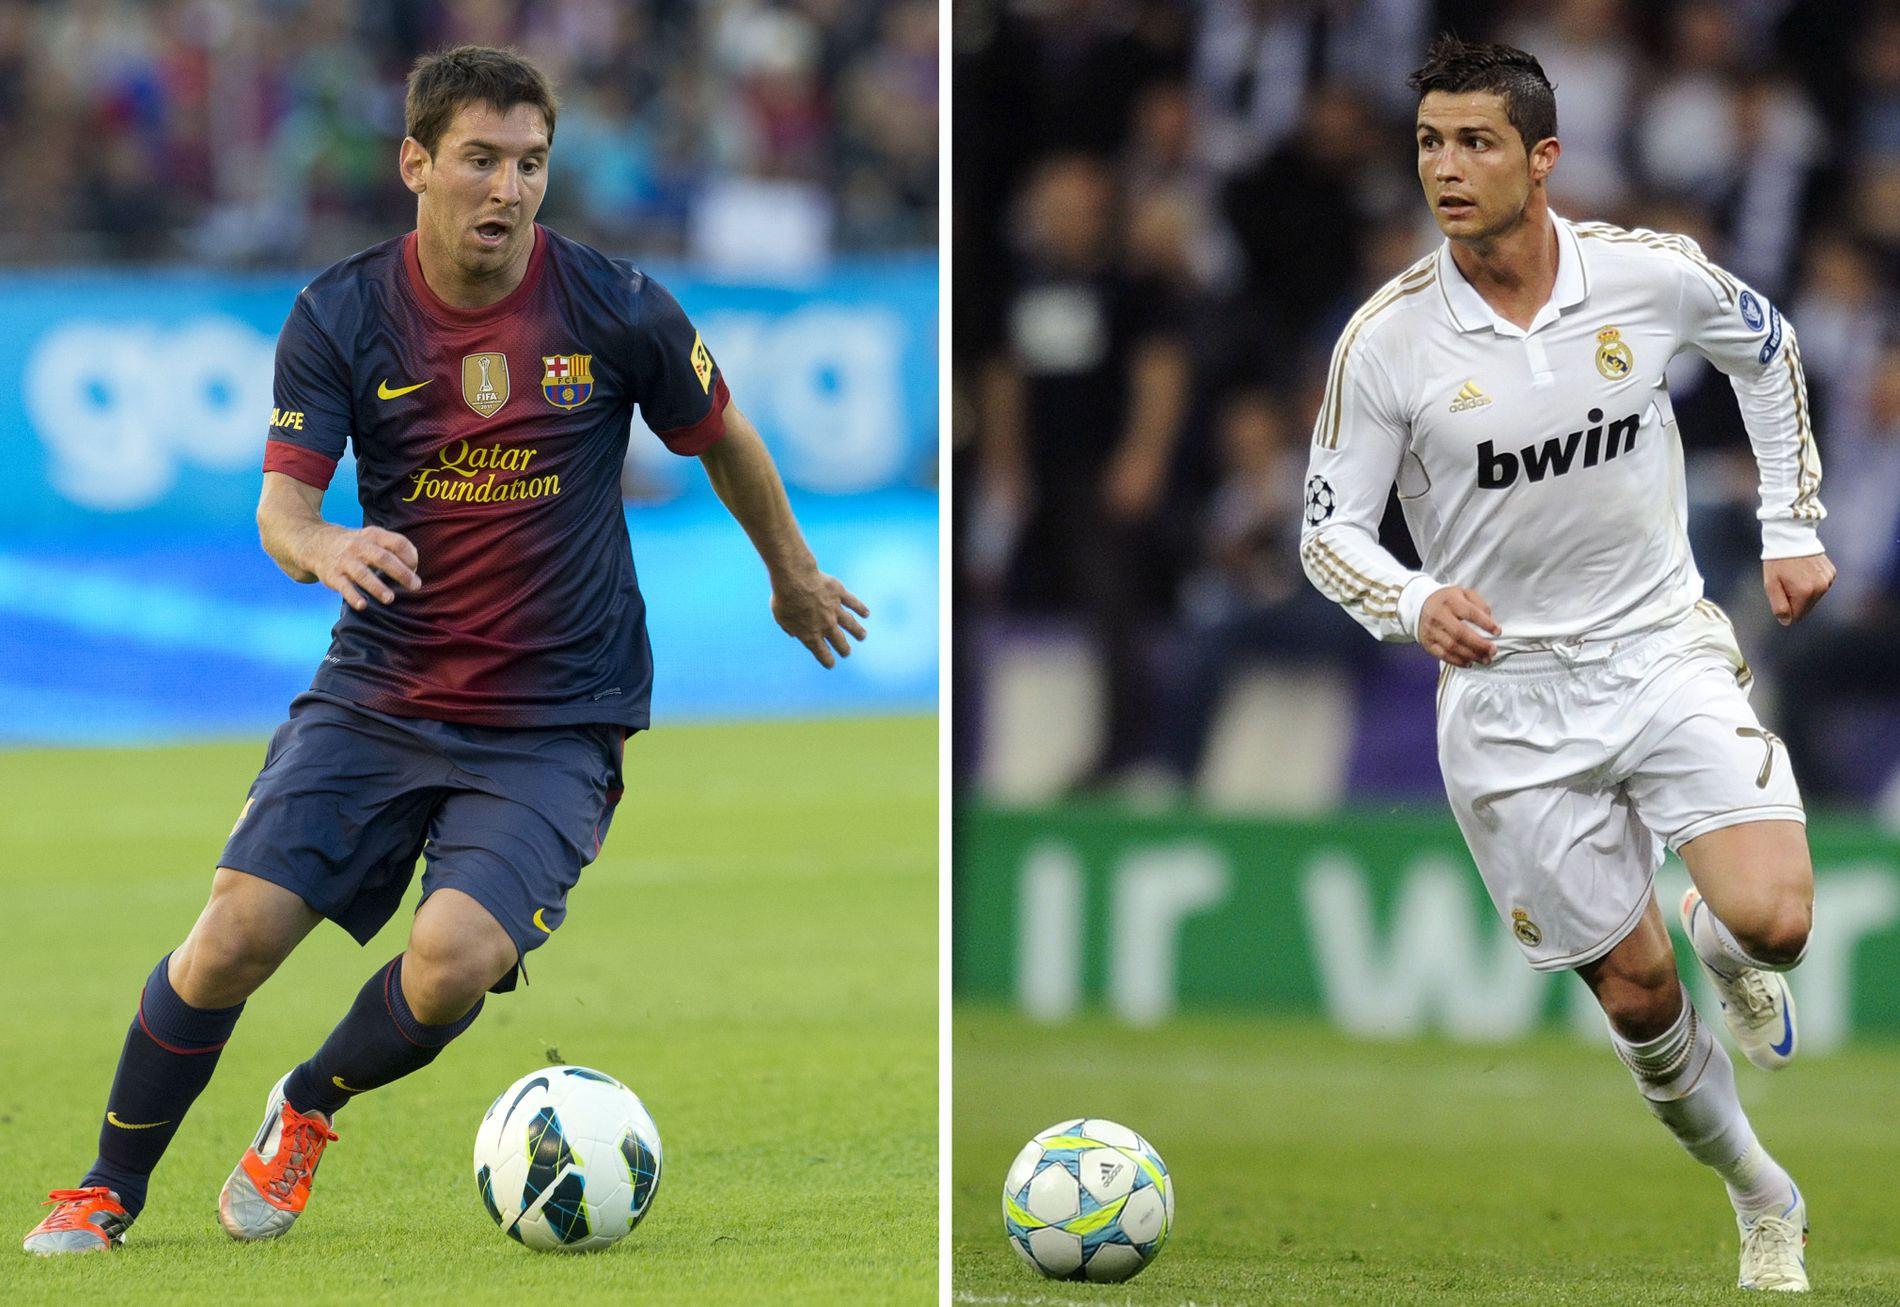 ET FANTASTISK RIVALERI: Lionel Messi (t.v.) og Cristiano Ronaldo konkurrerer om de fleste titler, men ingen av dem kan smykke seg med tittelen som verdens mest verdifulle, ifølge en ny studie.